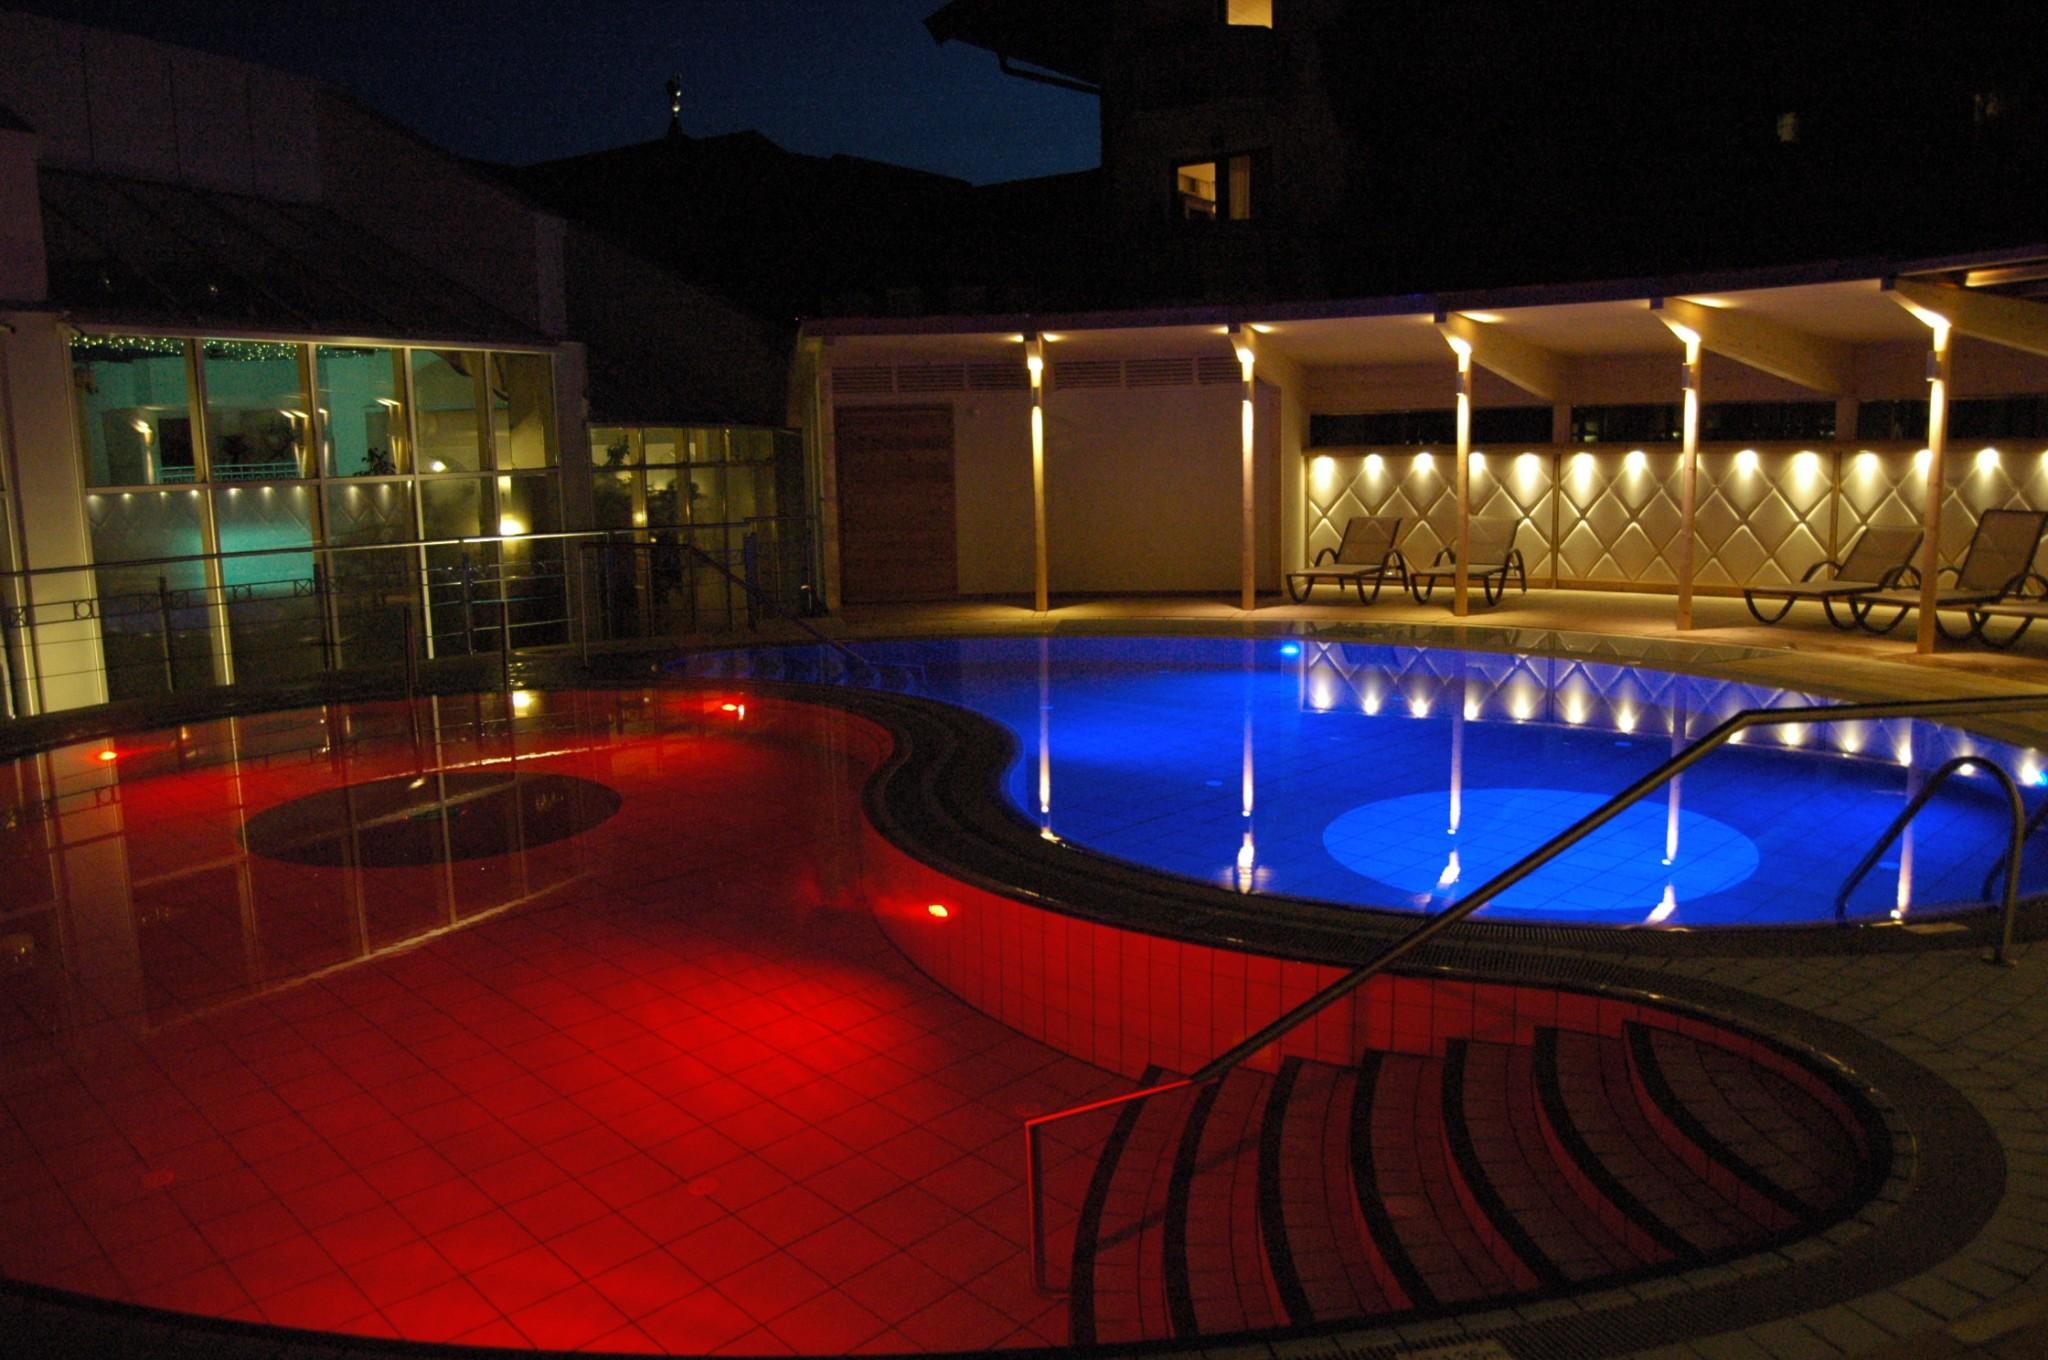 yinundyang-pool-posthotel-achenkirch-Bewertung-Posthotel-Achenkirch-Wochenplan-Booking-Bericht-Posthotel-Achenkirch-Bewertung